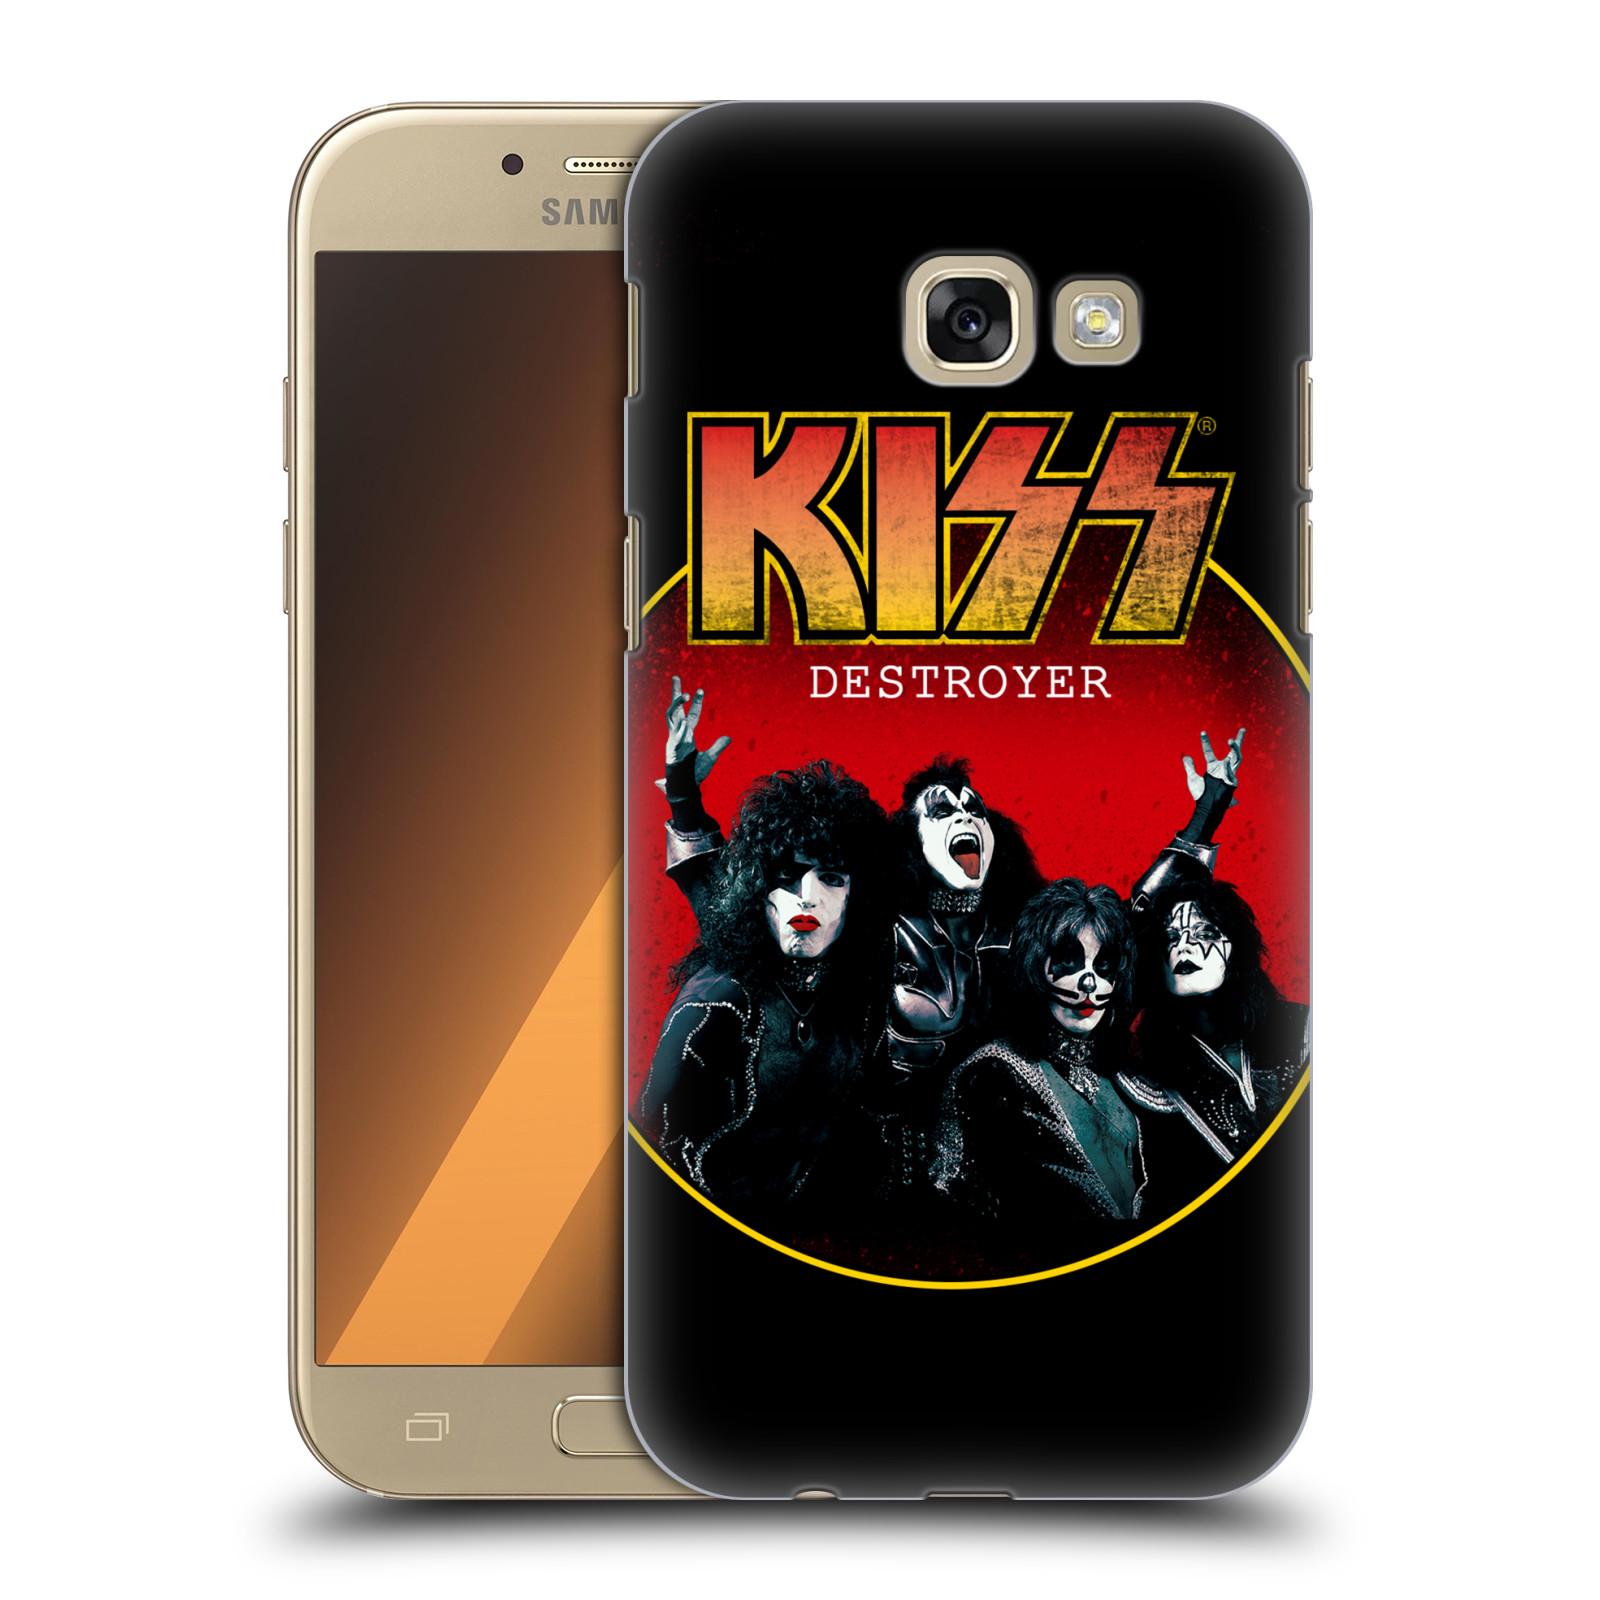 Plastové pouzdro na mobil Samsung Galaxy A5 (2017) HEAD CASE - Kiss - Destroyer